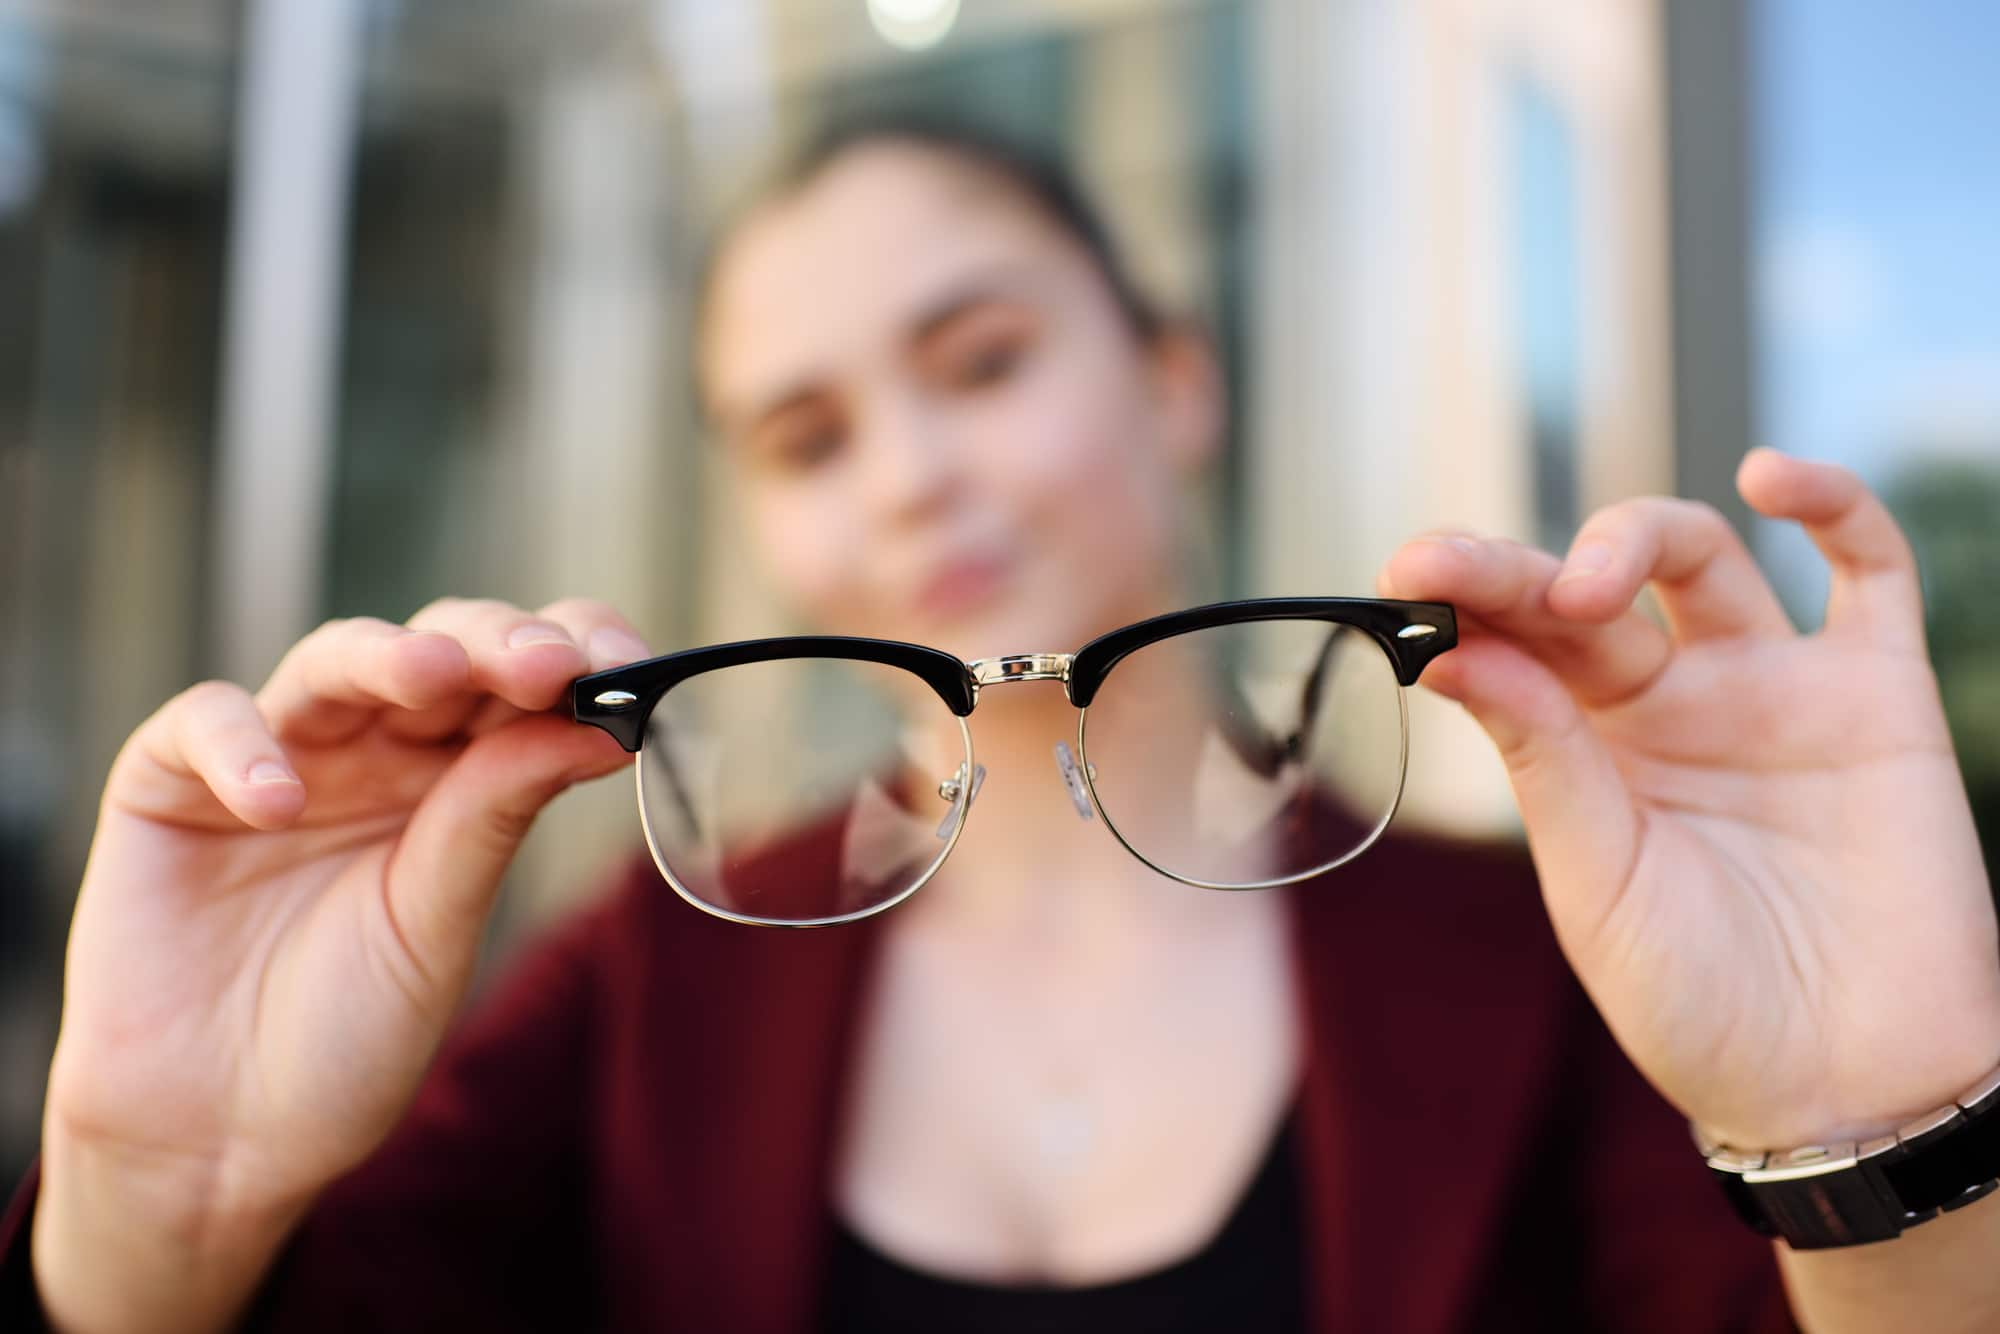 Does Wearing Eyeglasses improve Eyesight?